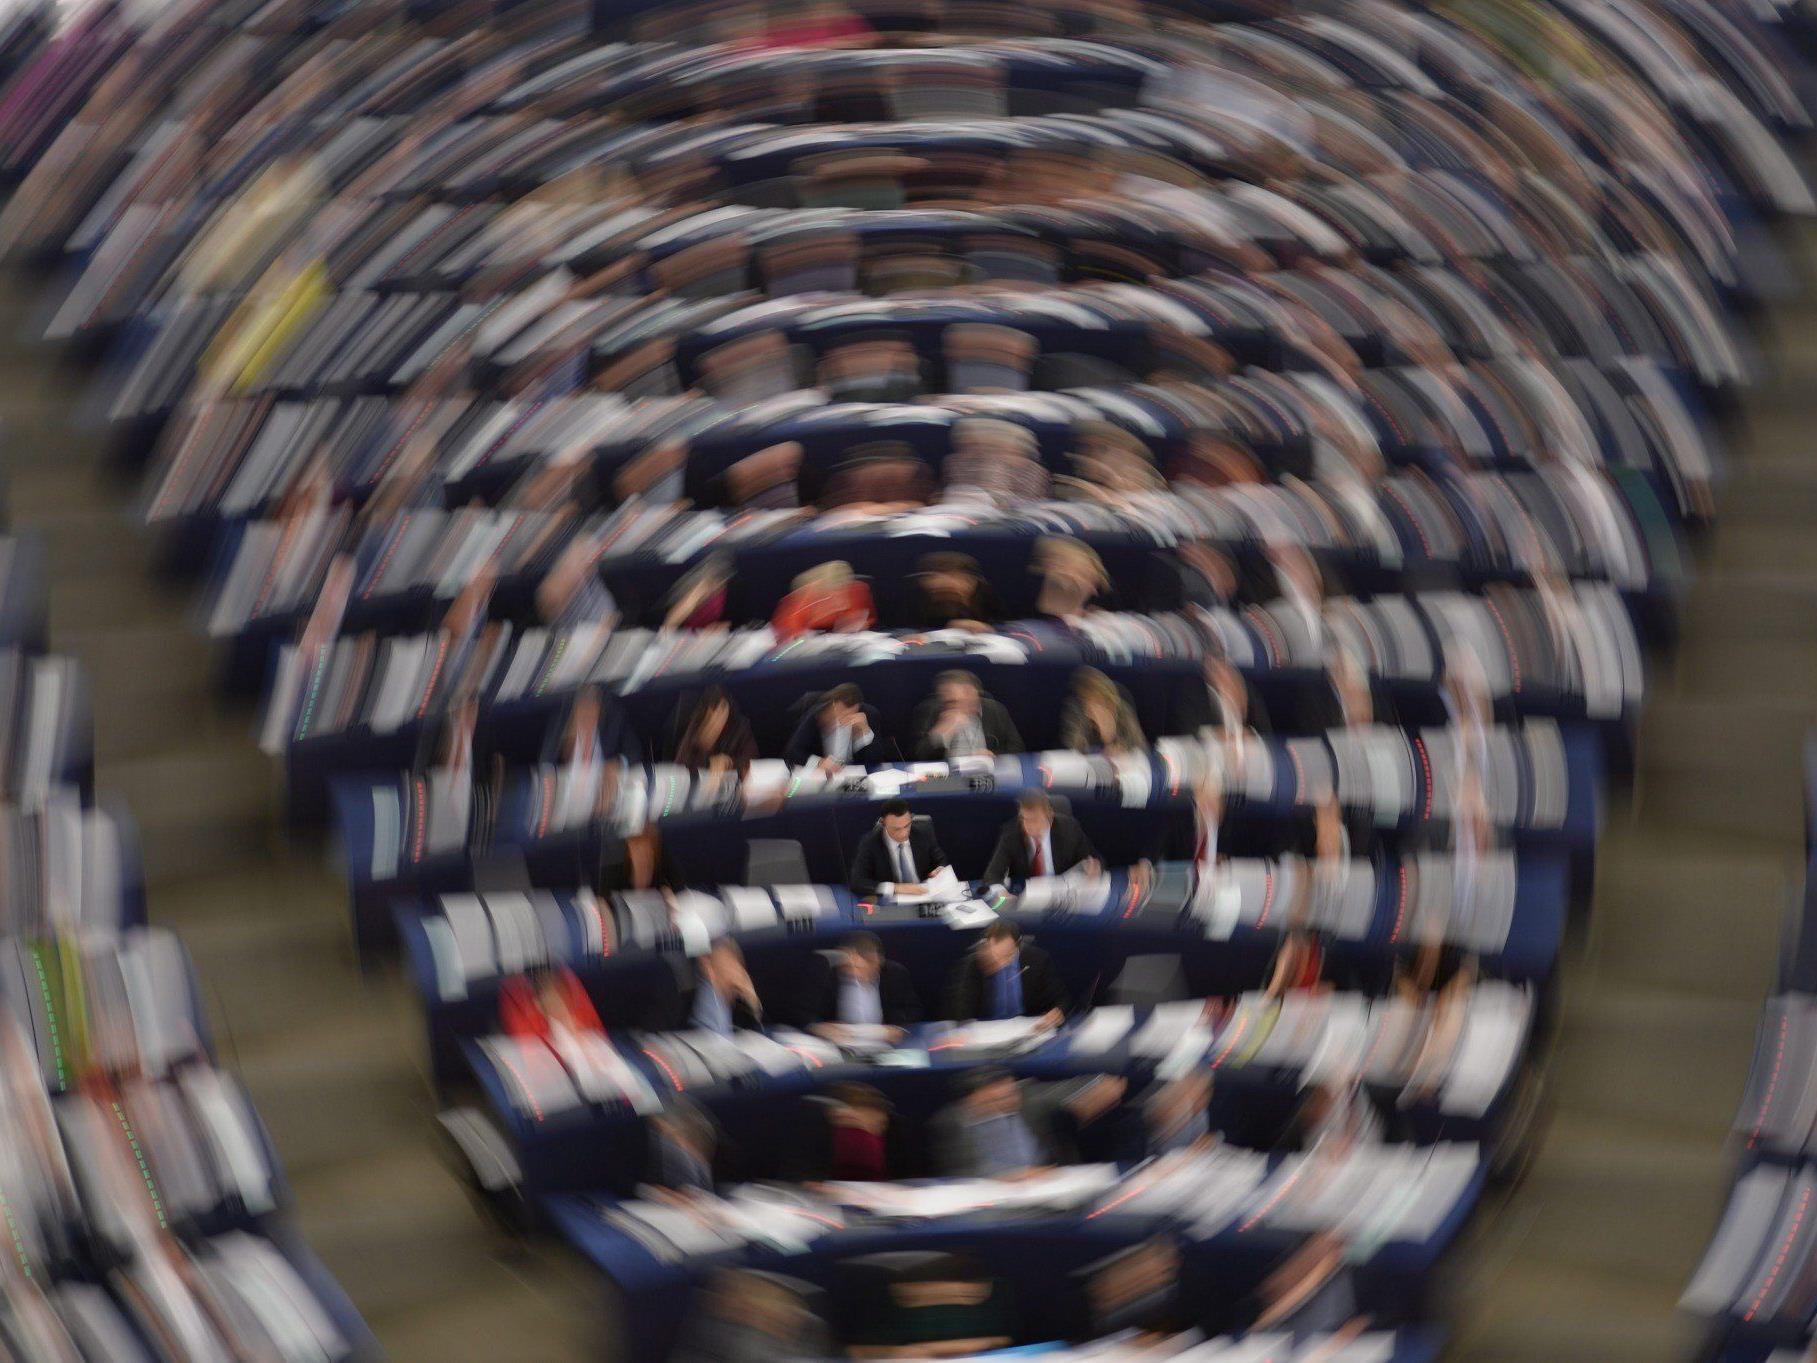 Volksabstimmung über Einwanderungsbegrenzung: EU-Parlament übt heftige Kritik.